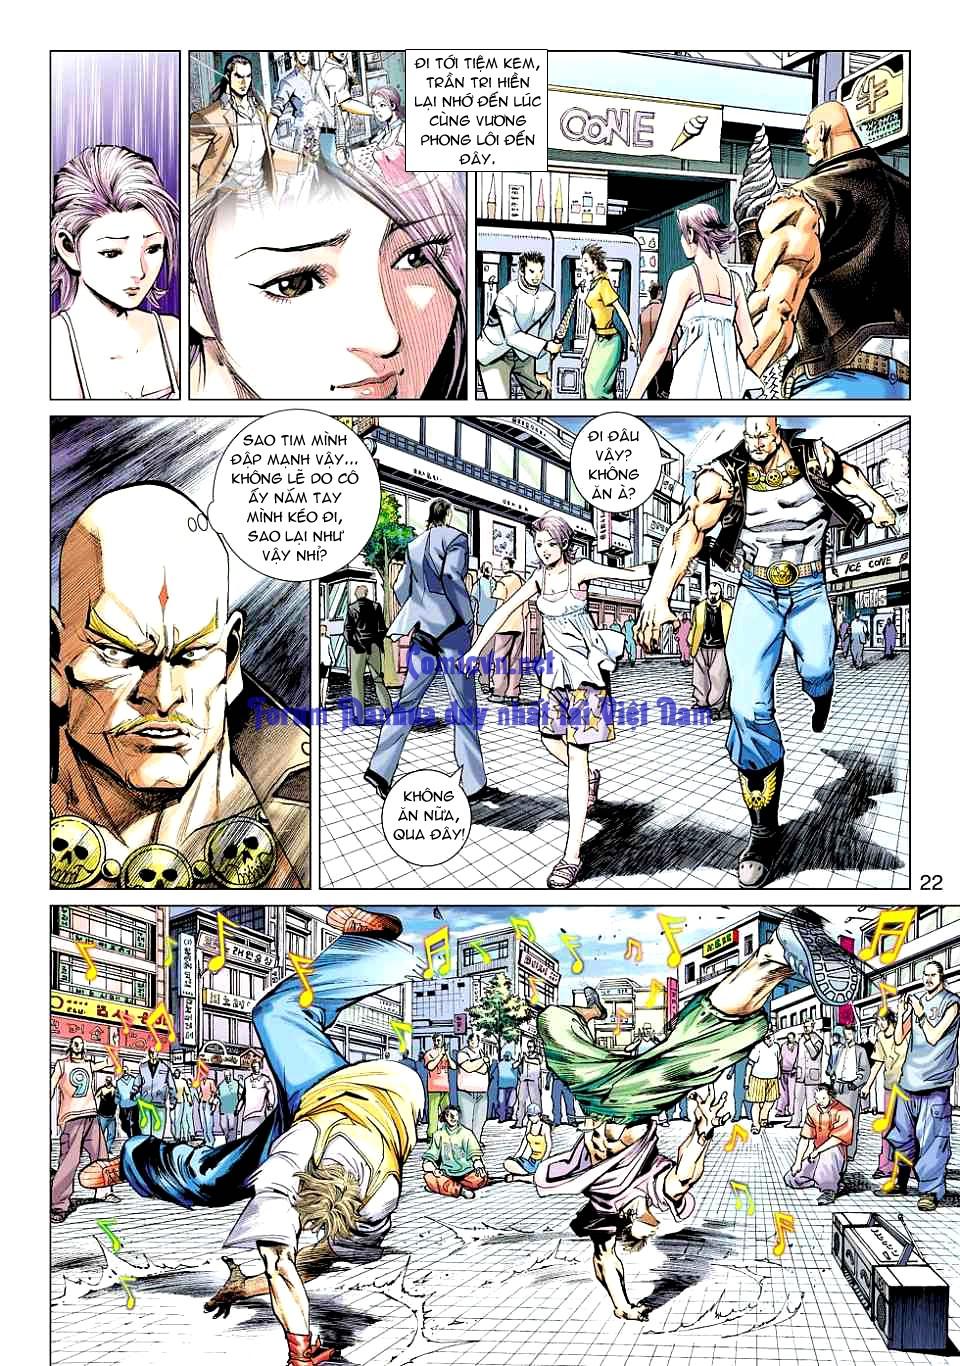 Vương Phong Lôi 1 chap 12 - Trang 21